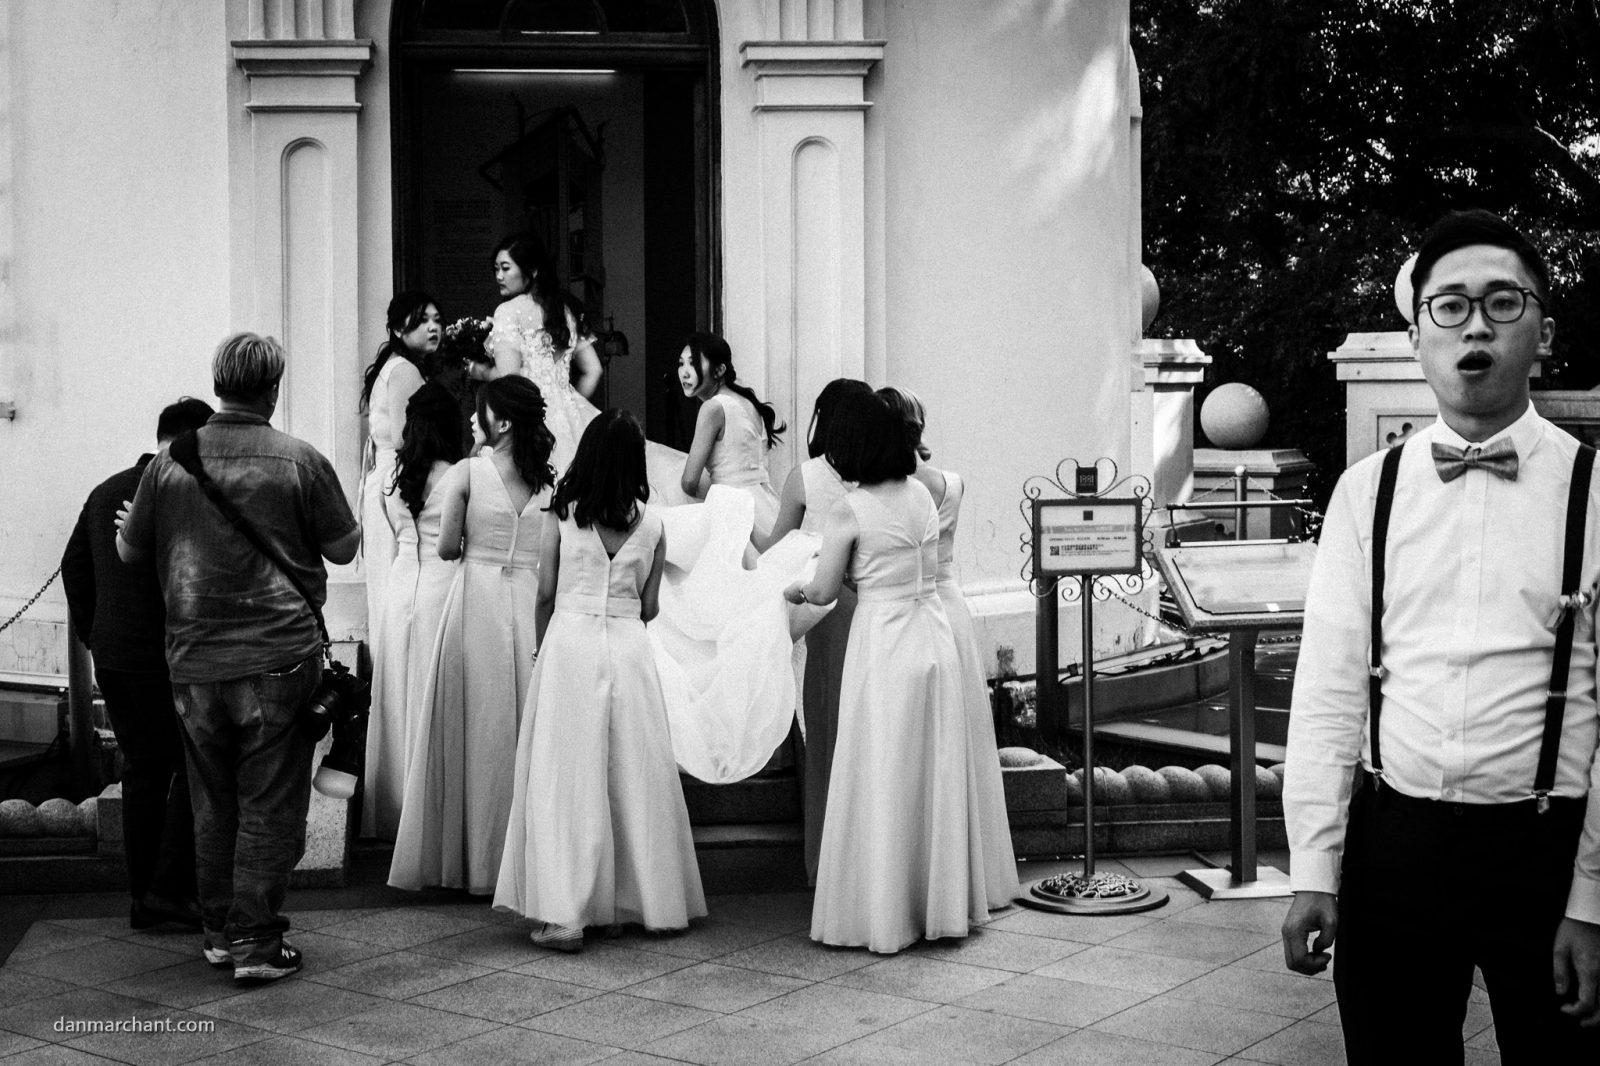 IMAGE: https://danmarchant.com/wp-content/uploads/2019/11/HK-wedding-1600x1066.jpg